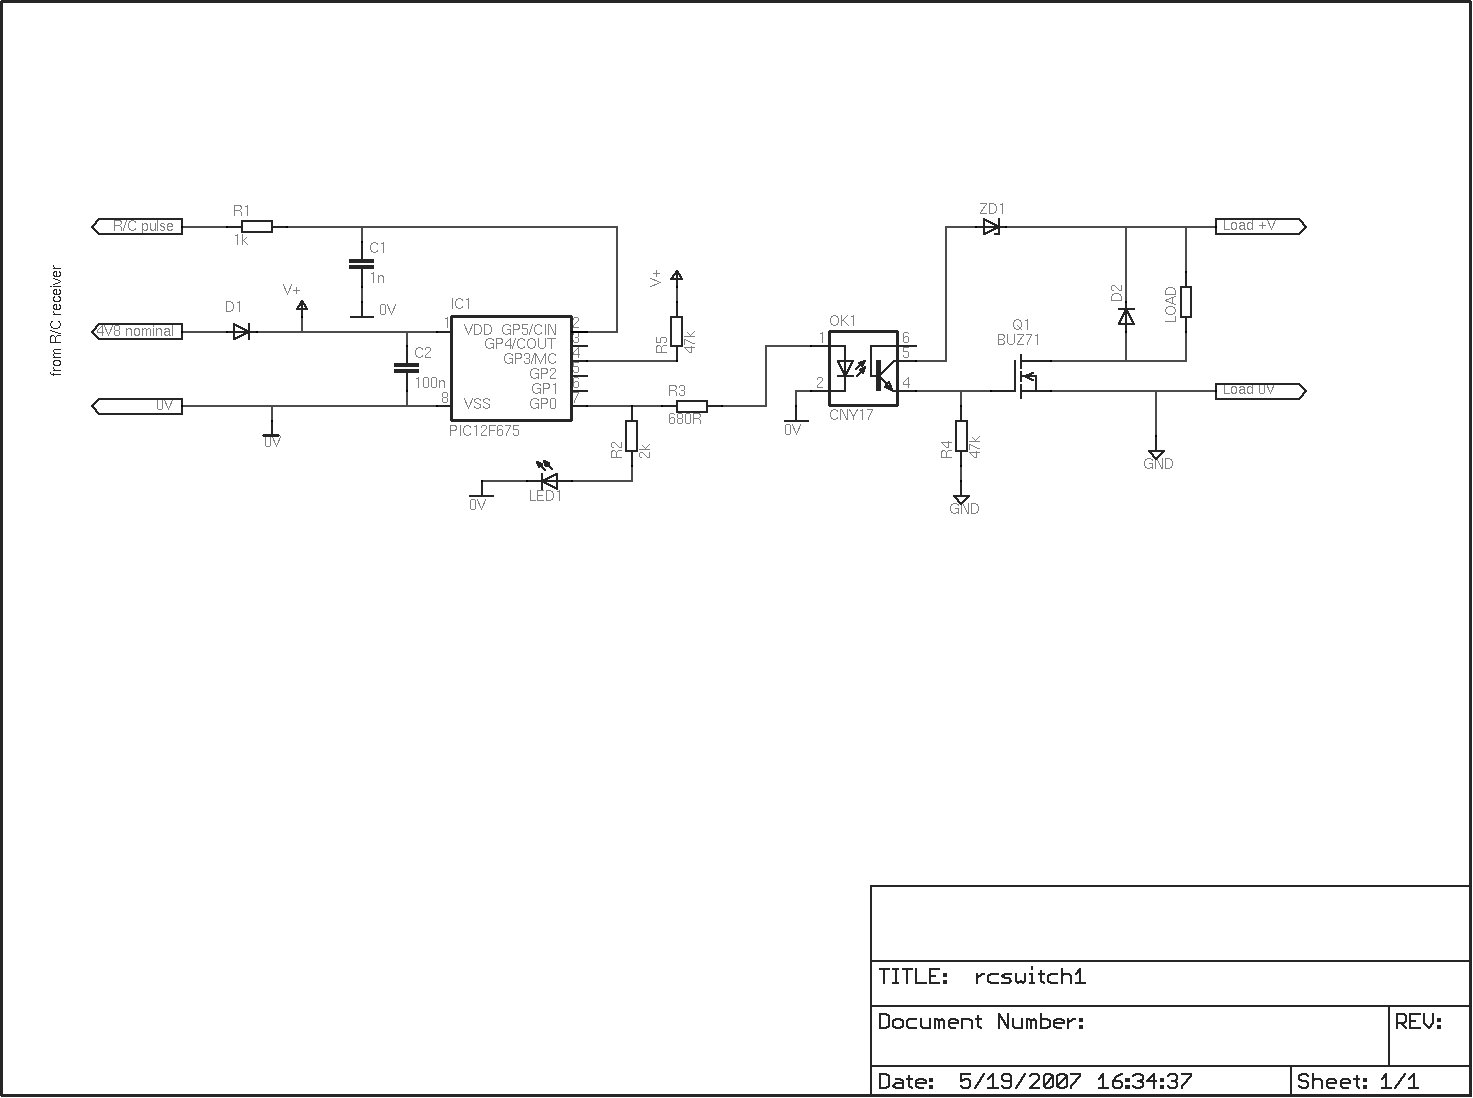 [DIAGRAM_1JK]  Rc Boat Diagram - diagram-uhvnhjl.evmethkirche-ojk.de | Viper Bait Boat Wiring Diagram |  | The Ultimate Manual Library - evmethkirche-ojk.de